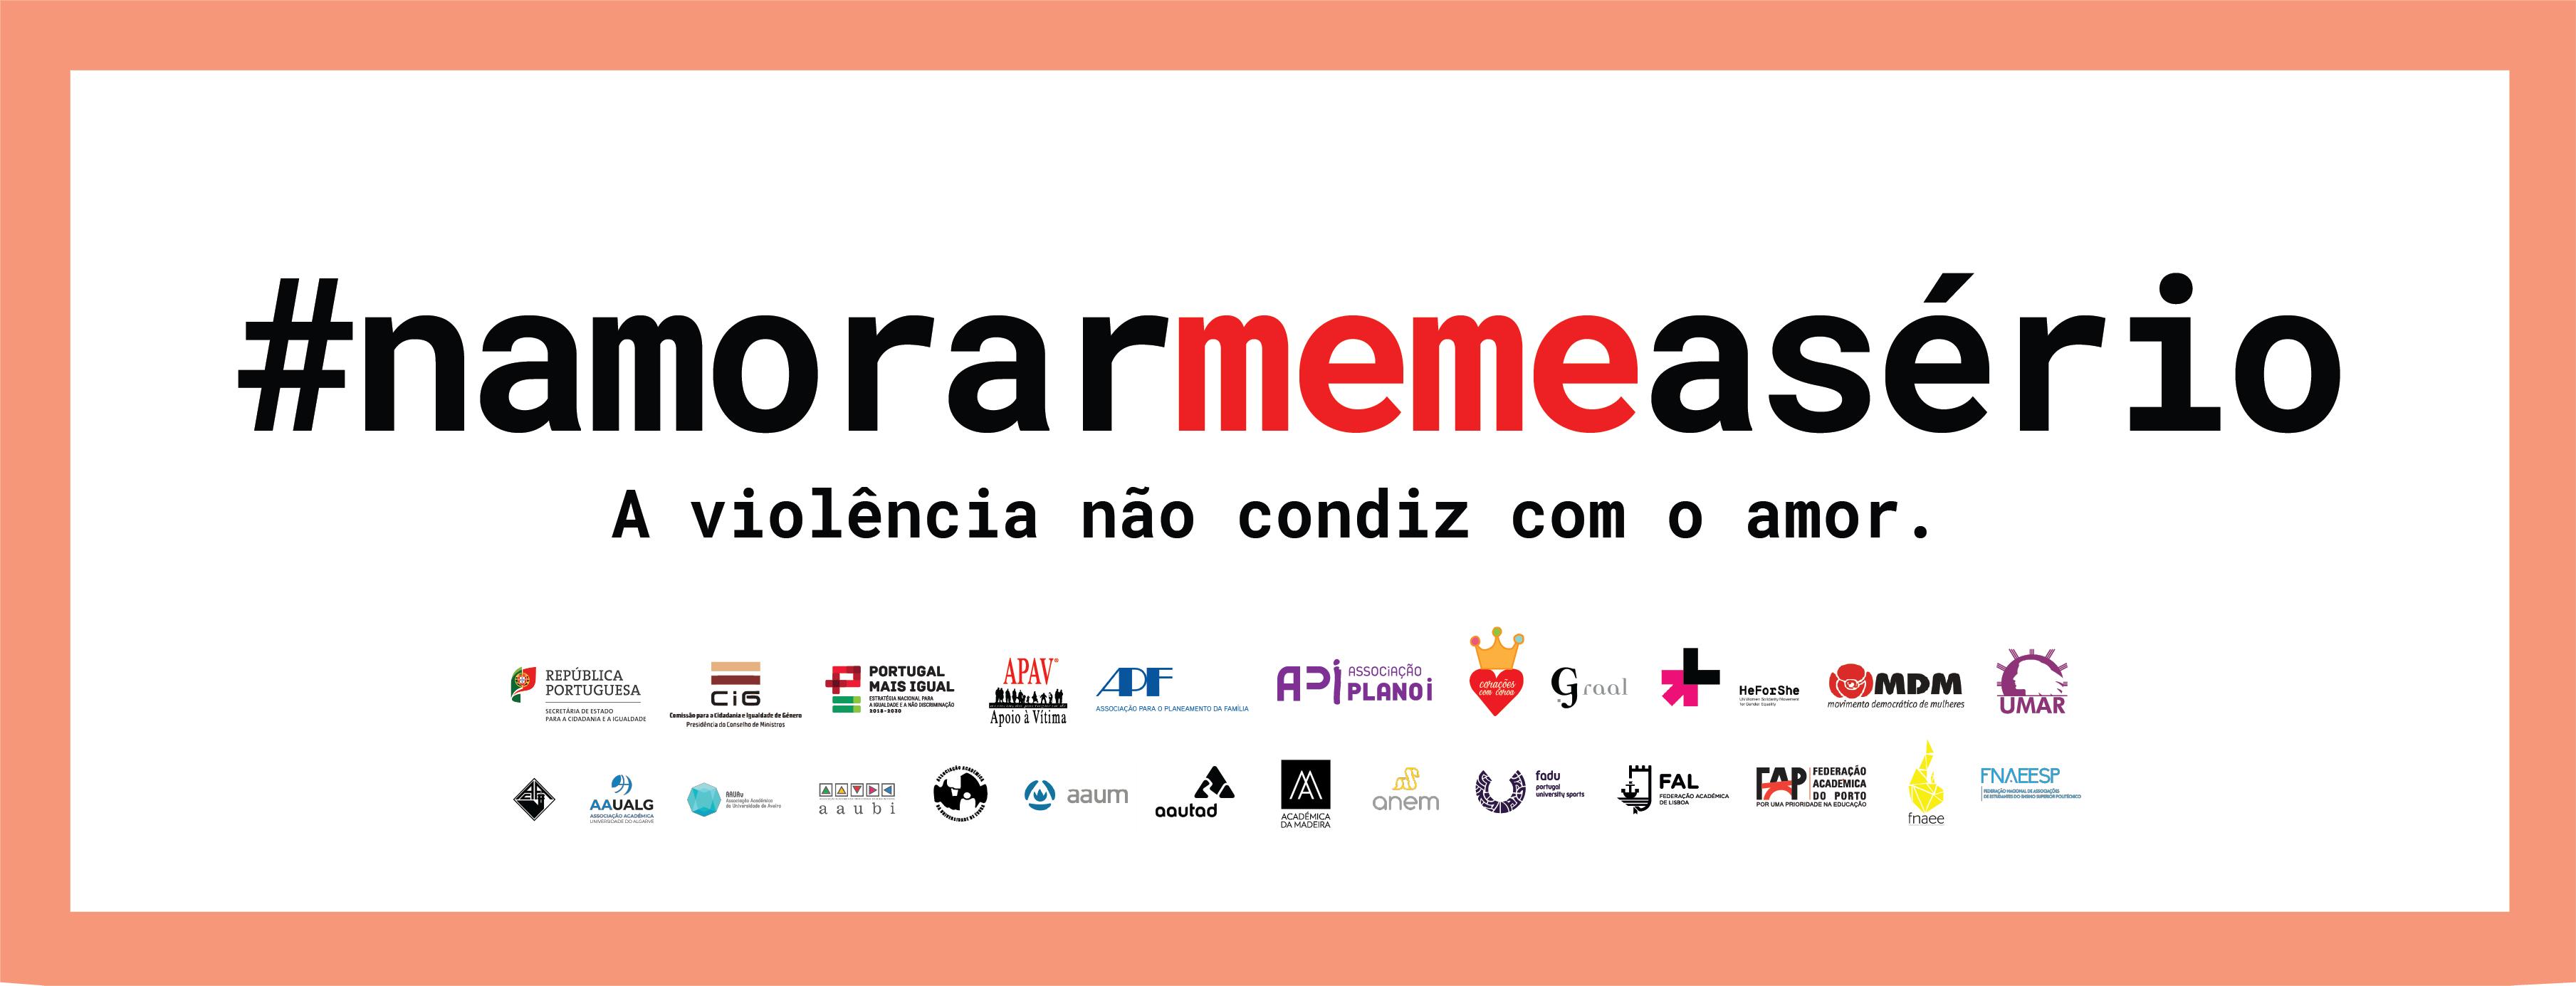 MDM é parceira da Campanha pela eliminação da violência no namoro #NamorarMemeASério